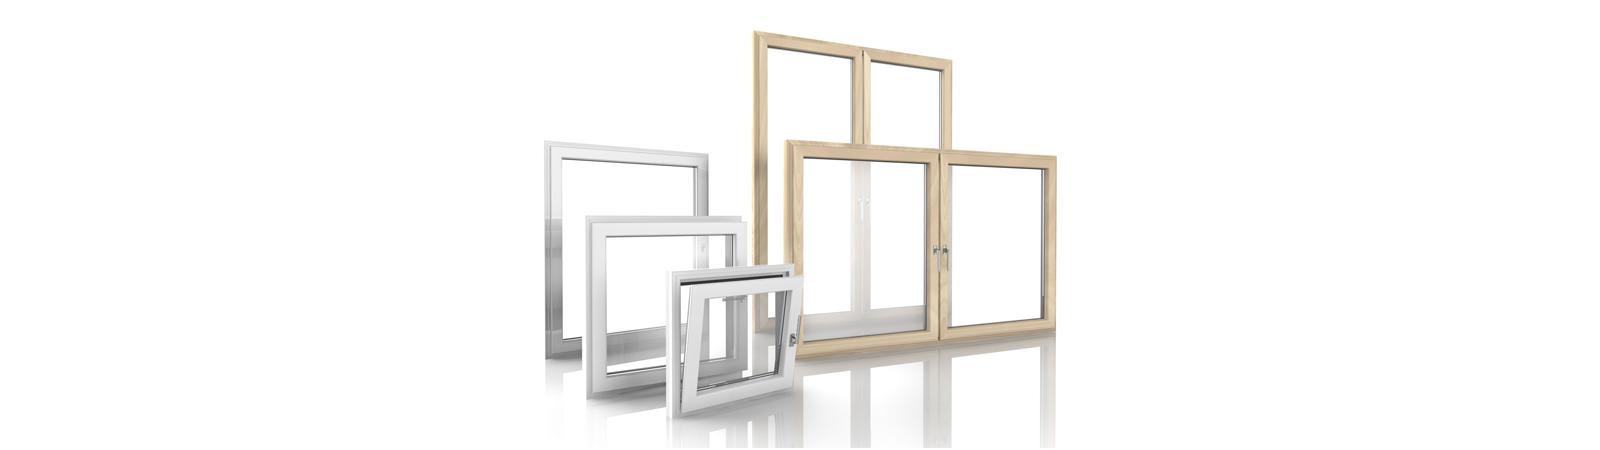 Dreifach Verglaste Fenster fensterarten verglasung rahmen effizienzhaus